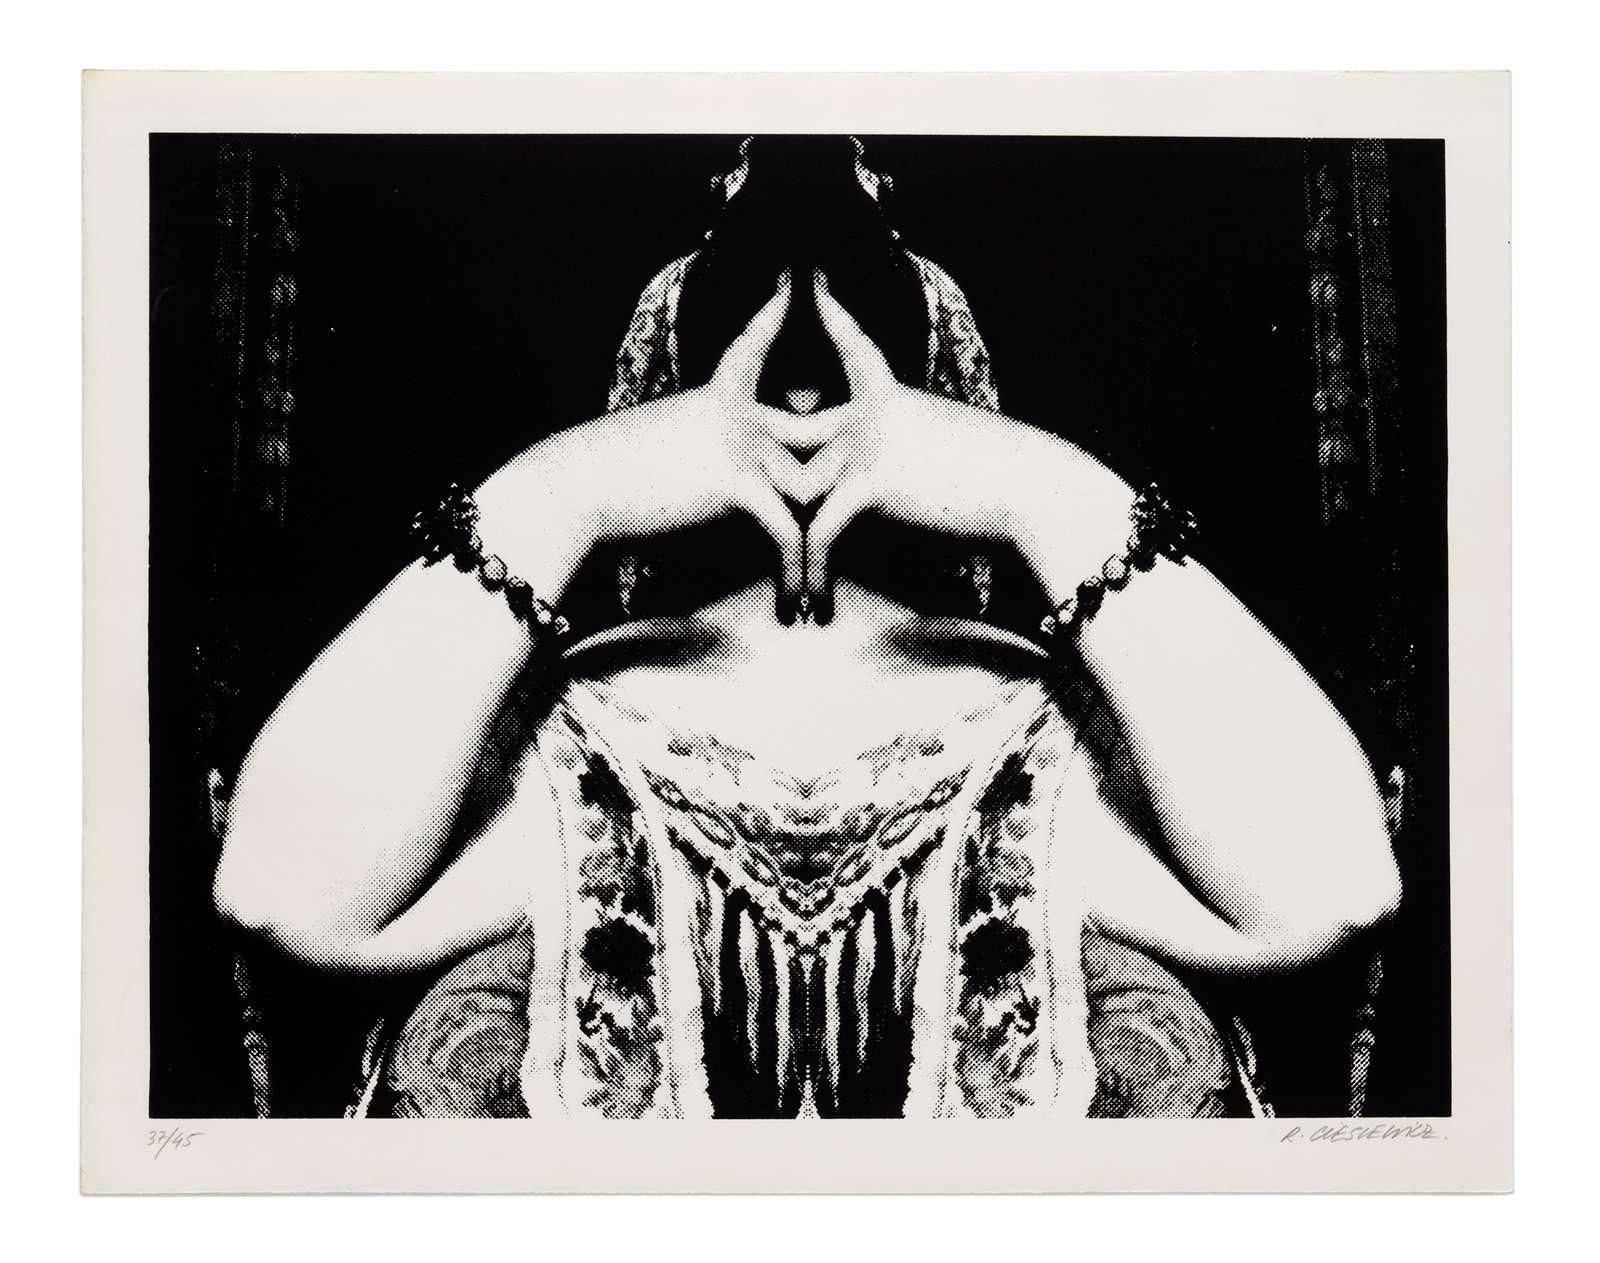 Roman Cieslewicz, Cérès Franco, 1974 Sérigraphie - Édition de 19 ex.50 x 67 cm / 19 5/8 x 26 3/8 inches